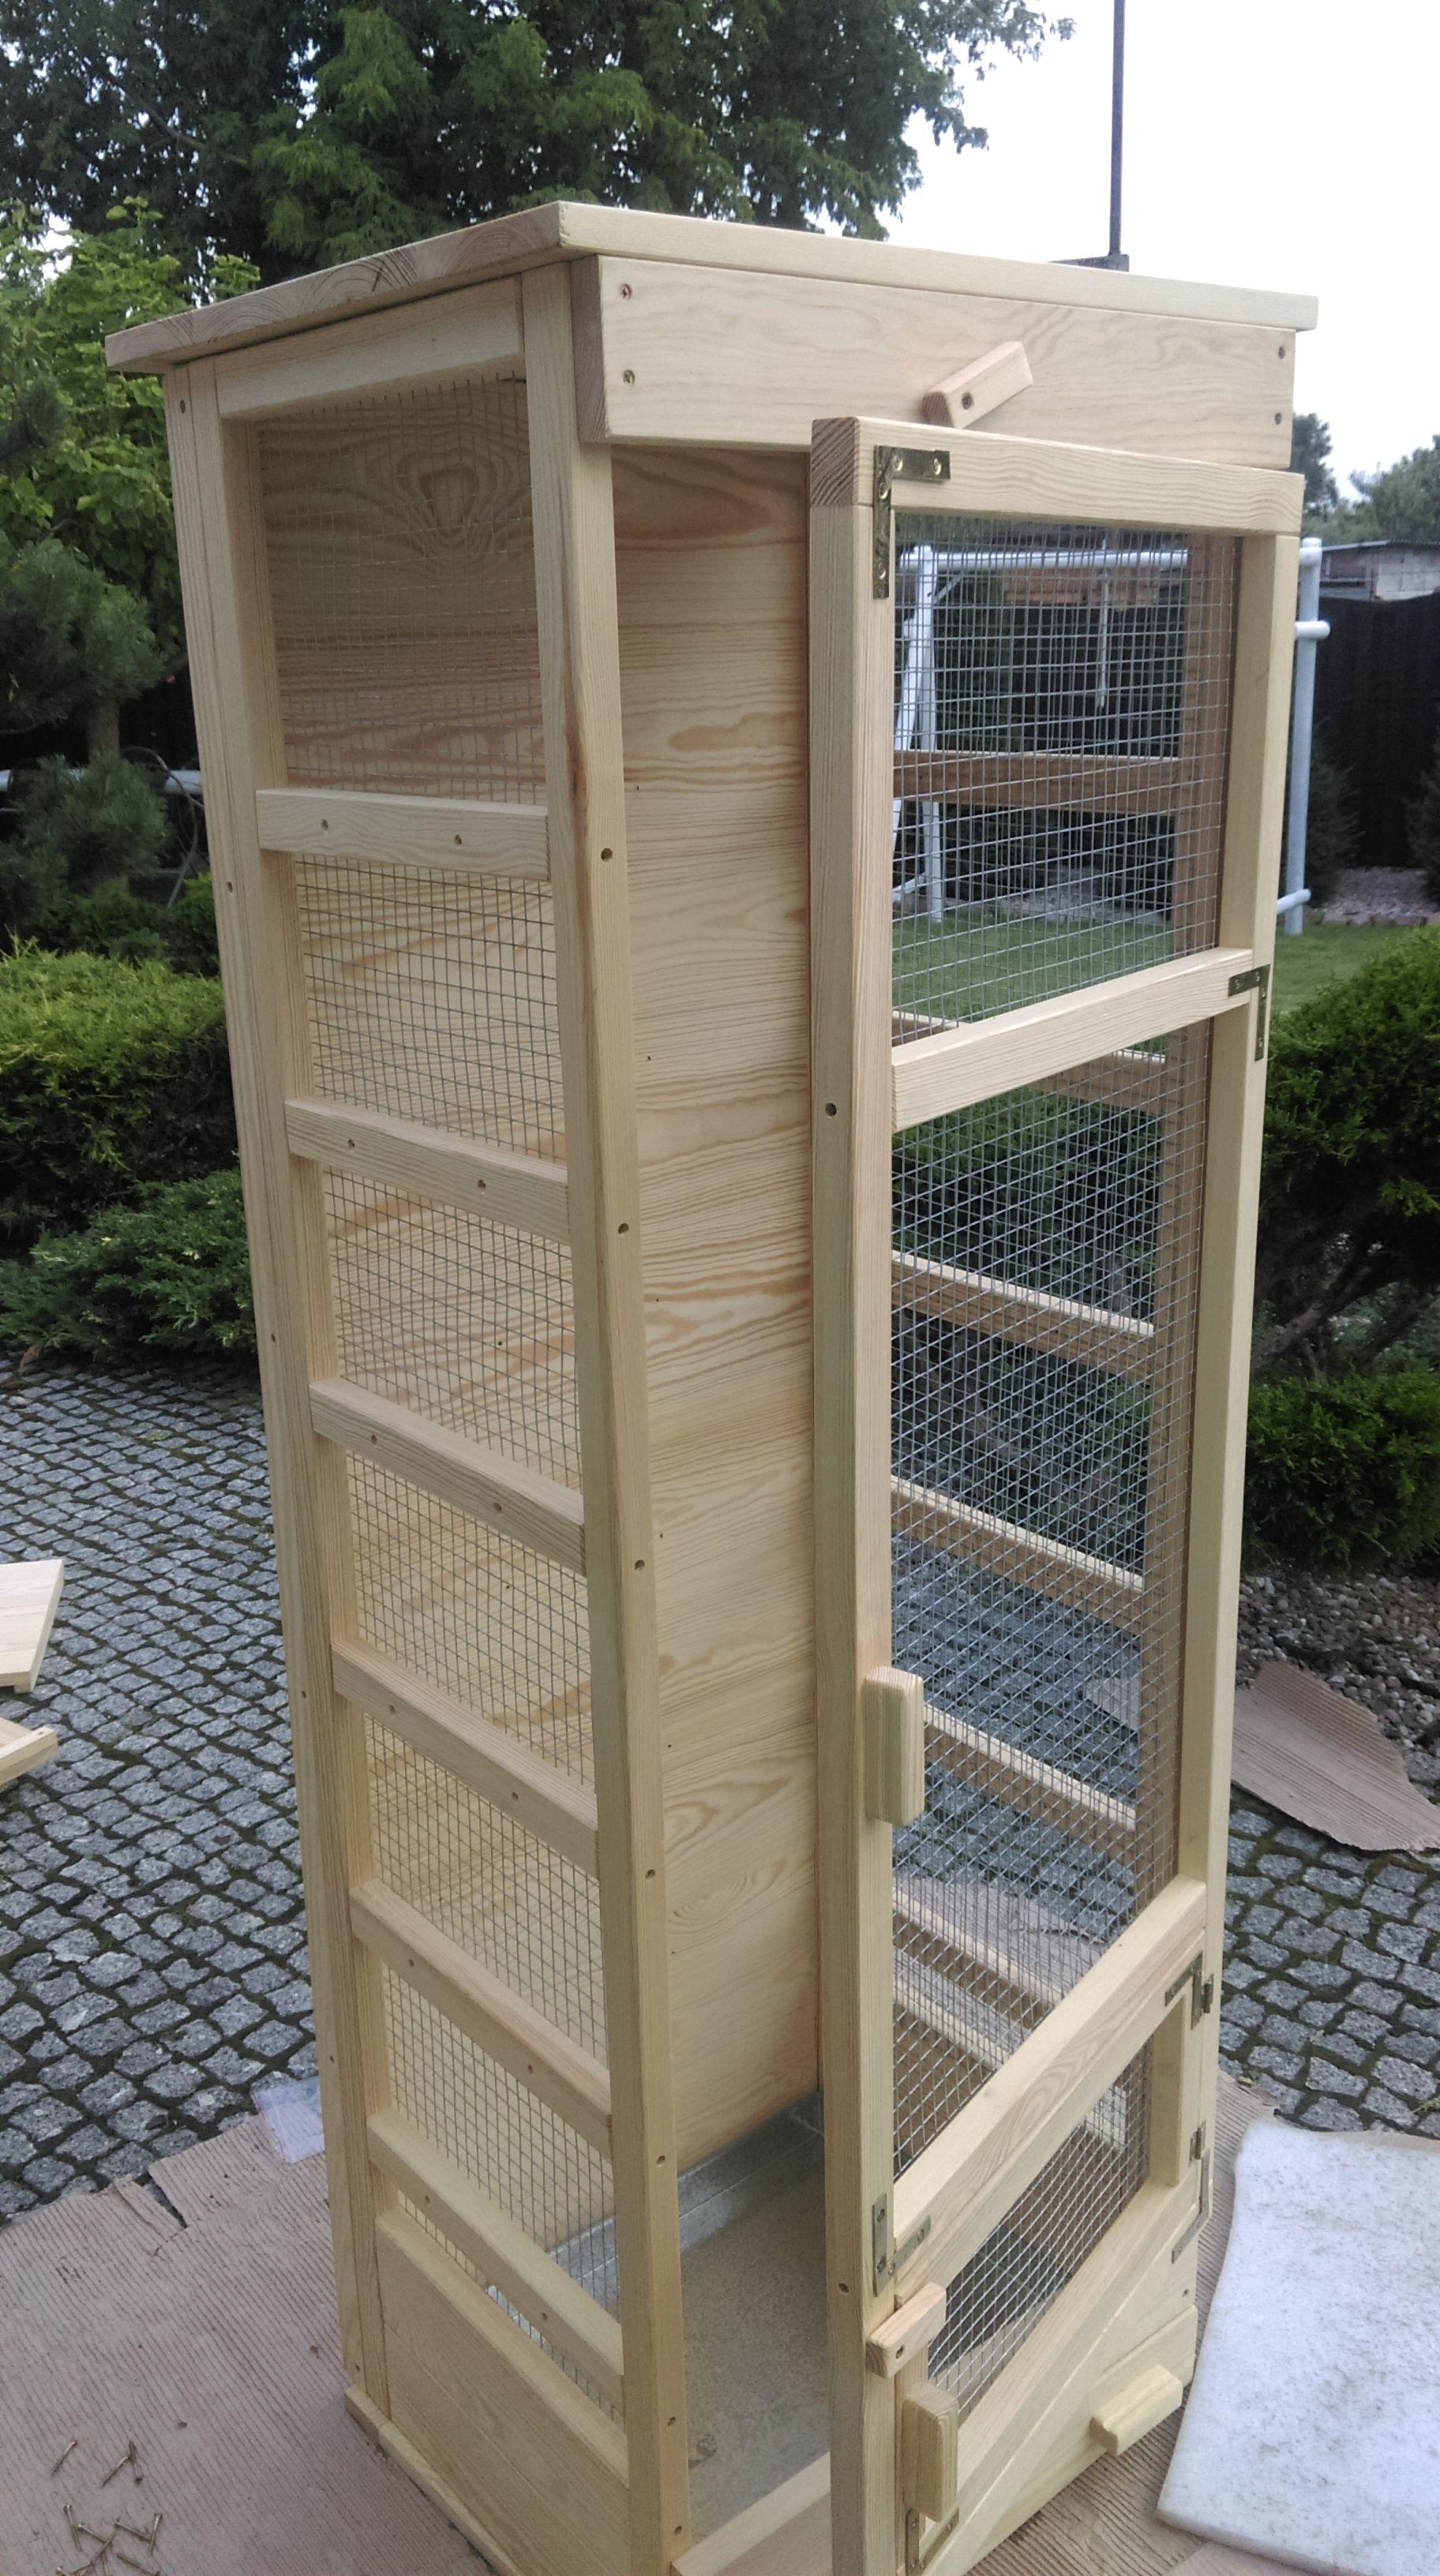 musekfig selber bauen schildkrten terrarium cm aus holz with musekfig selber bauen interesting. Black Bedroom Furniture Sets. Home Design Ideas